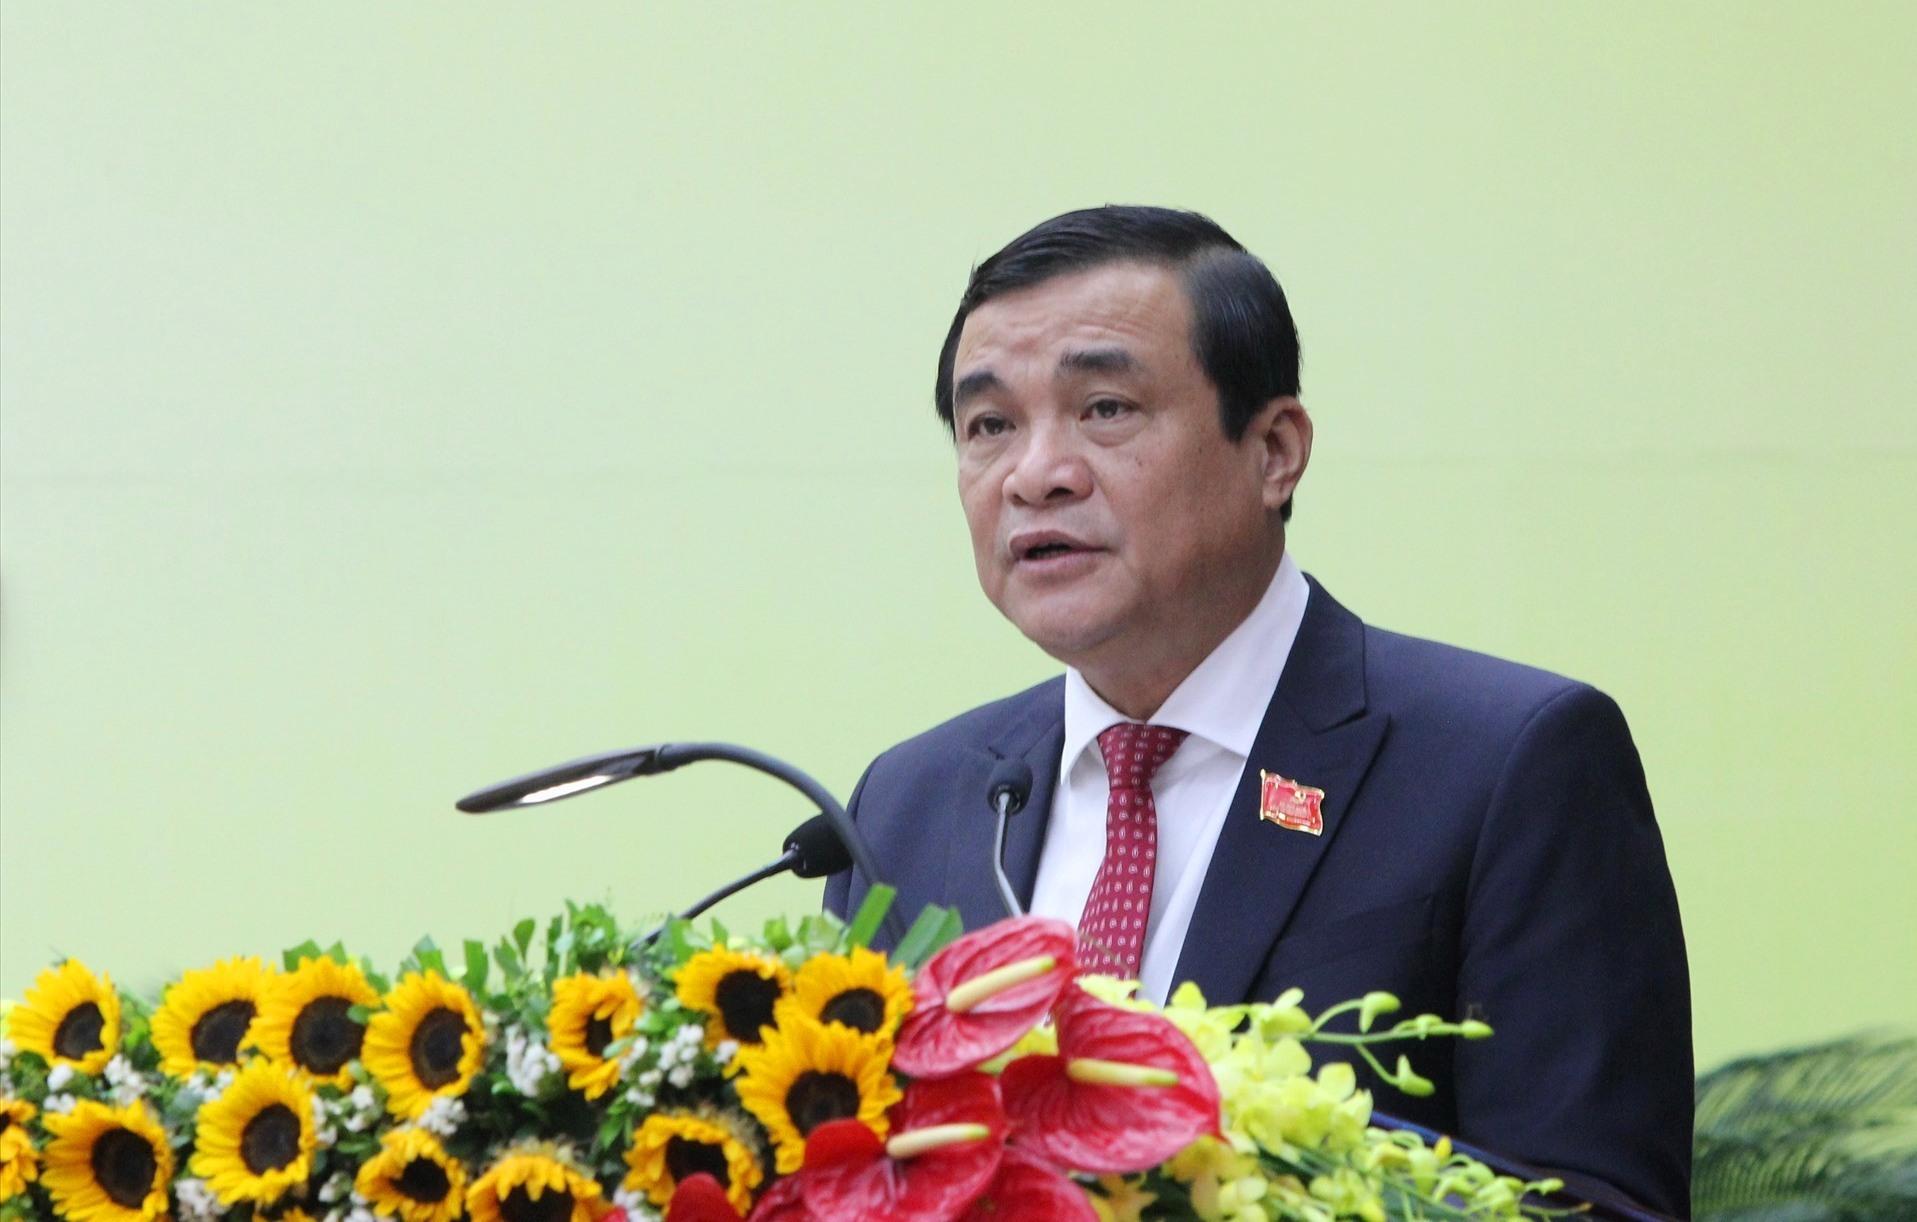 Bí thư Tỉnh ủy Phan Việt Cường đọc diễn văn khai mạc Đại hội. Ảnh: P.V